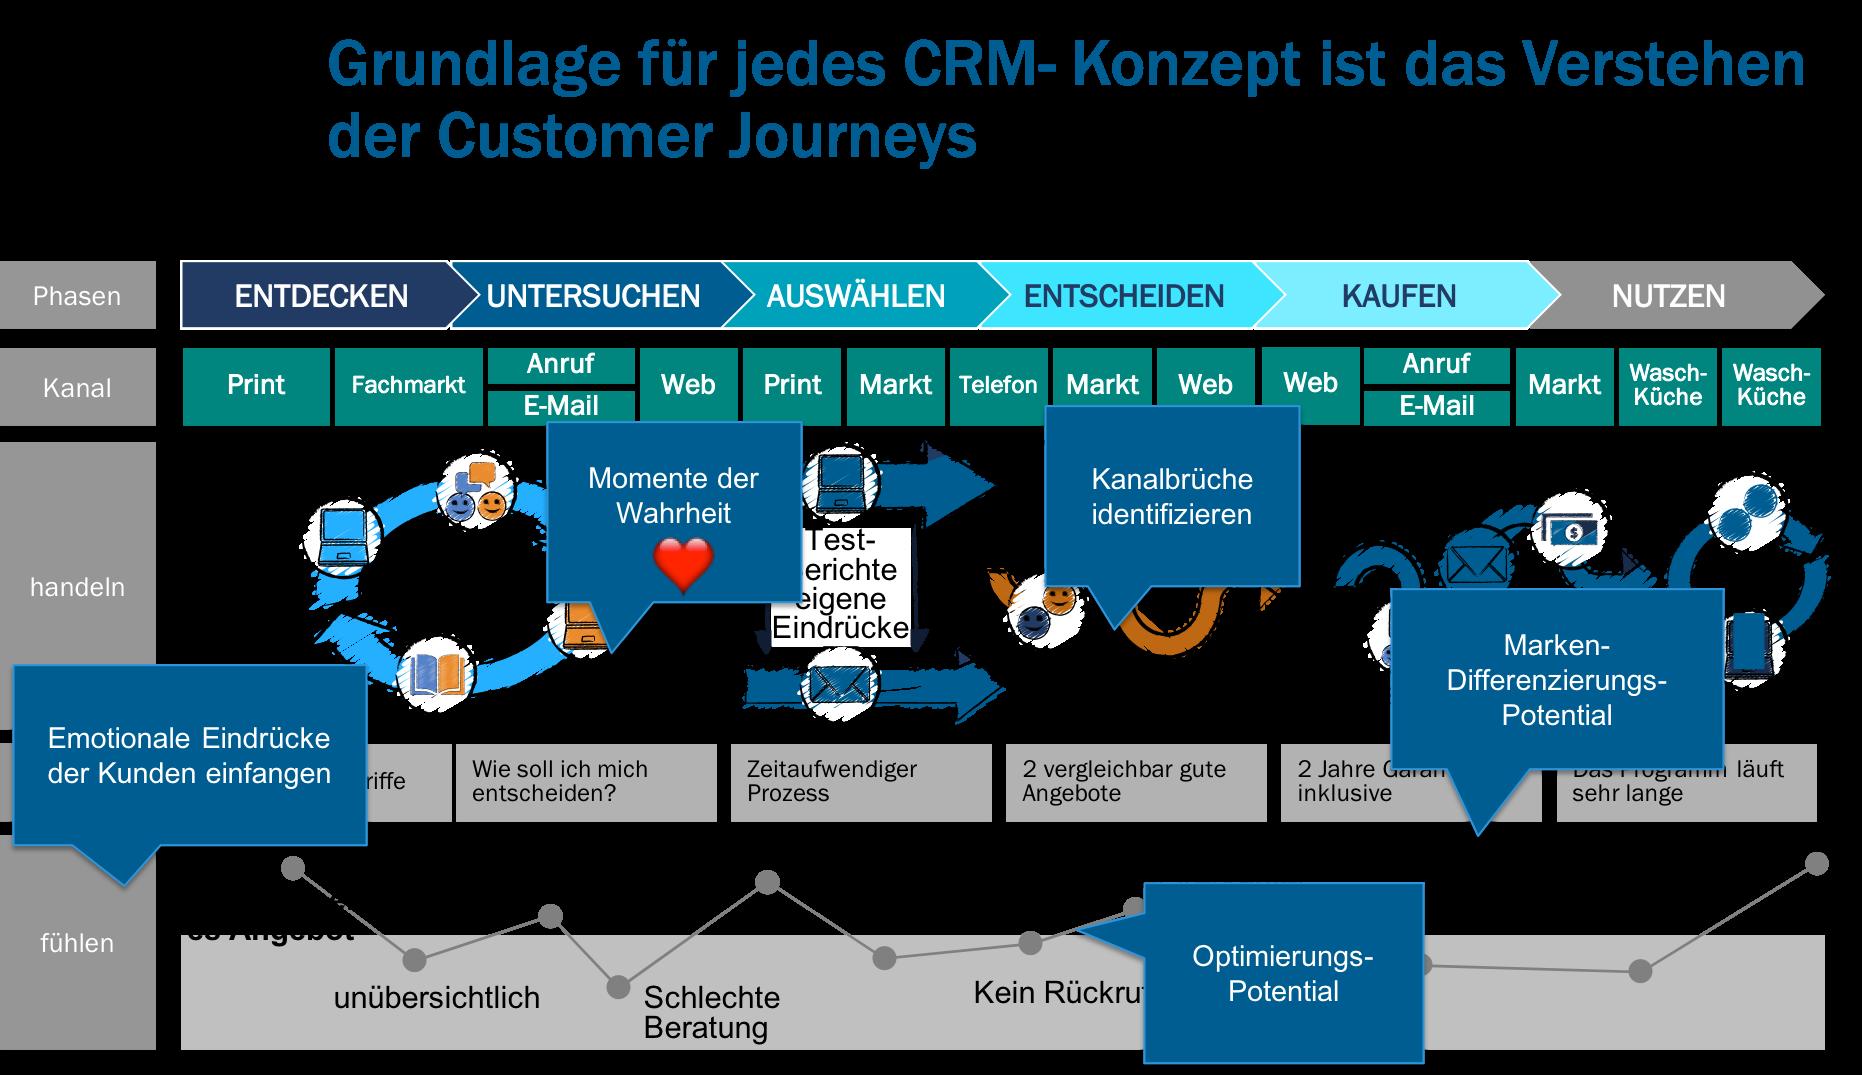 Grafik Harald Henn_2018_customer_journey-prozess